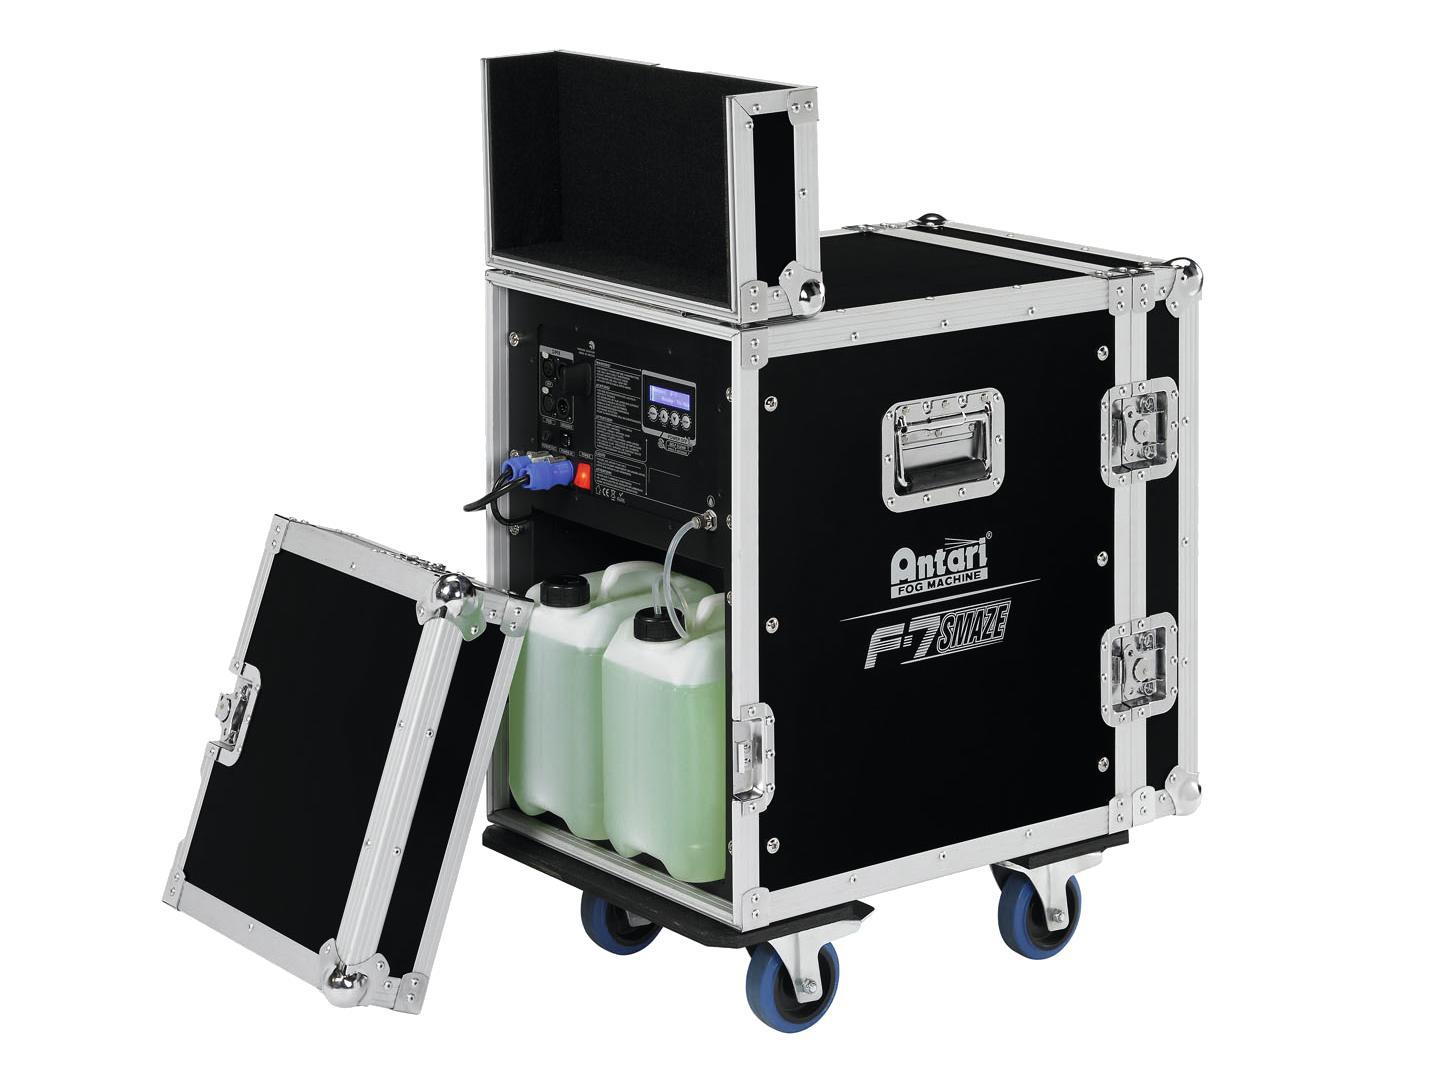 Macchina del fumo Nebbia professionale con flightcase DMX 1500 watt F-7 Antari